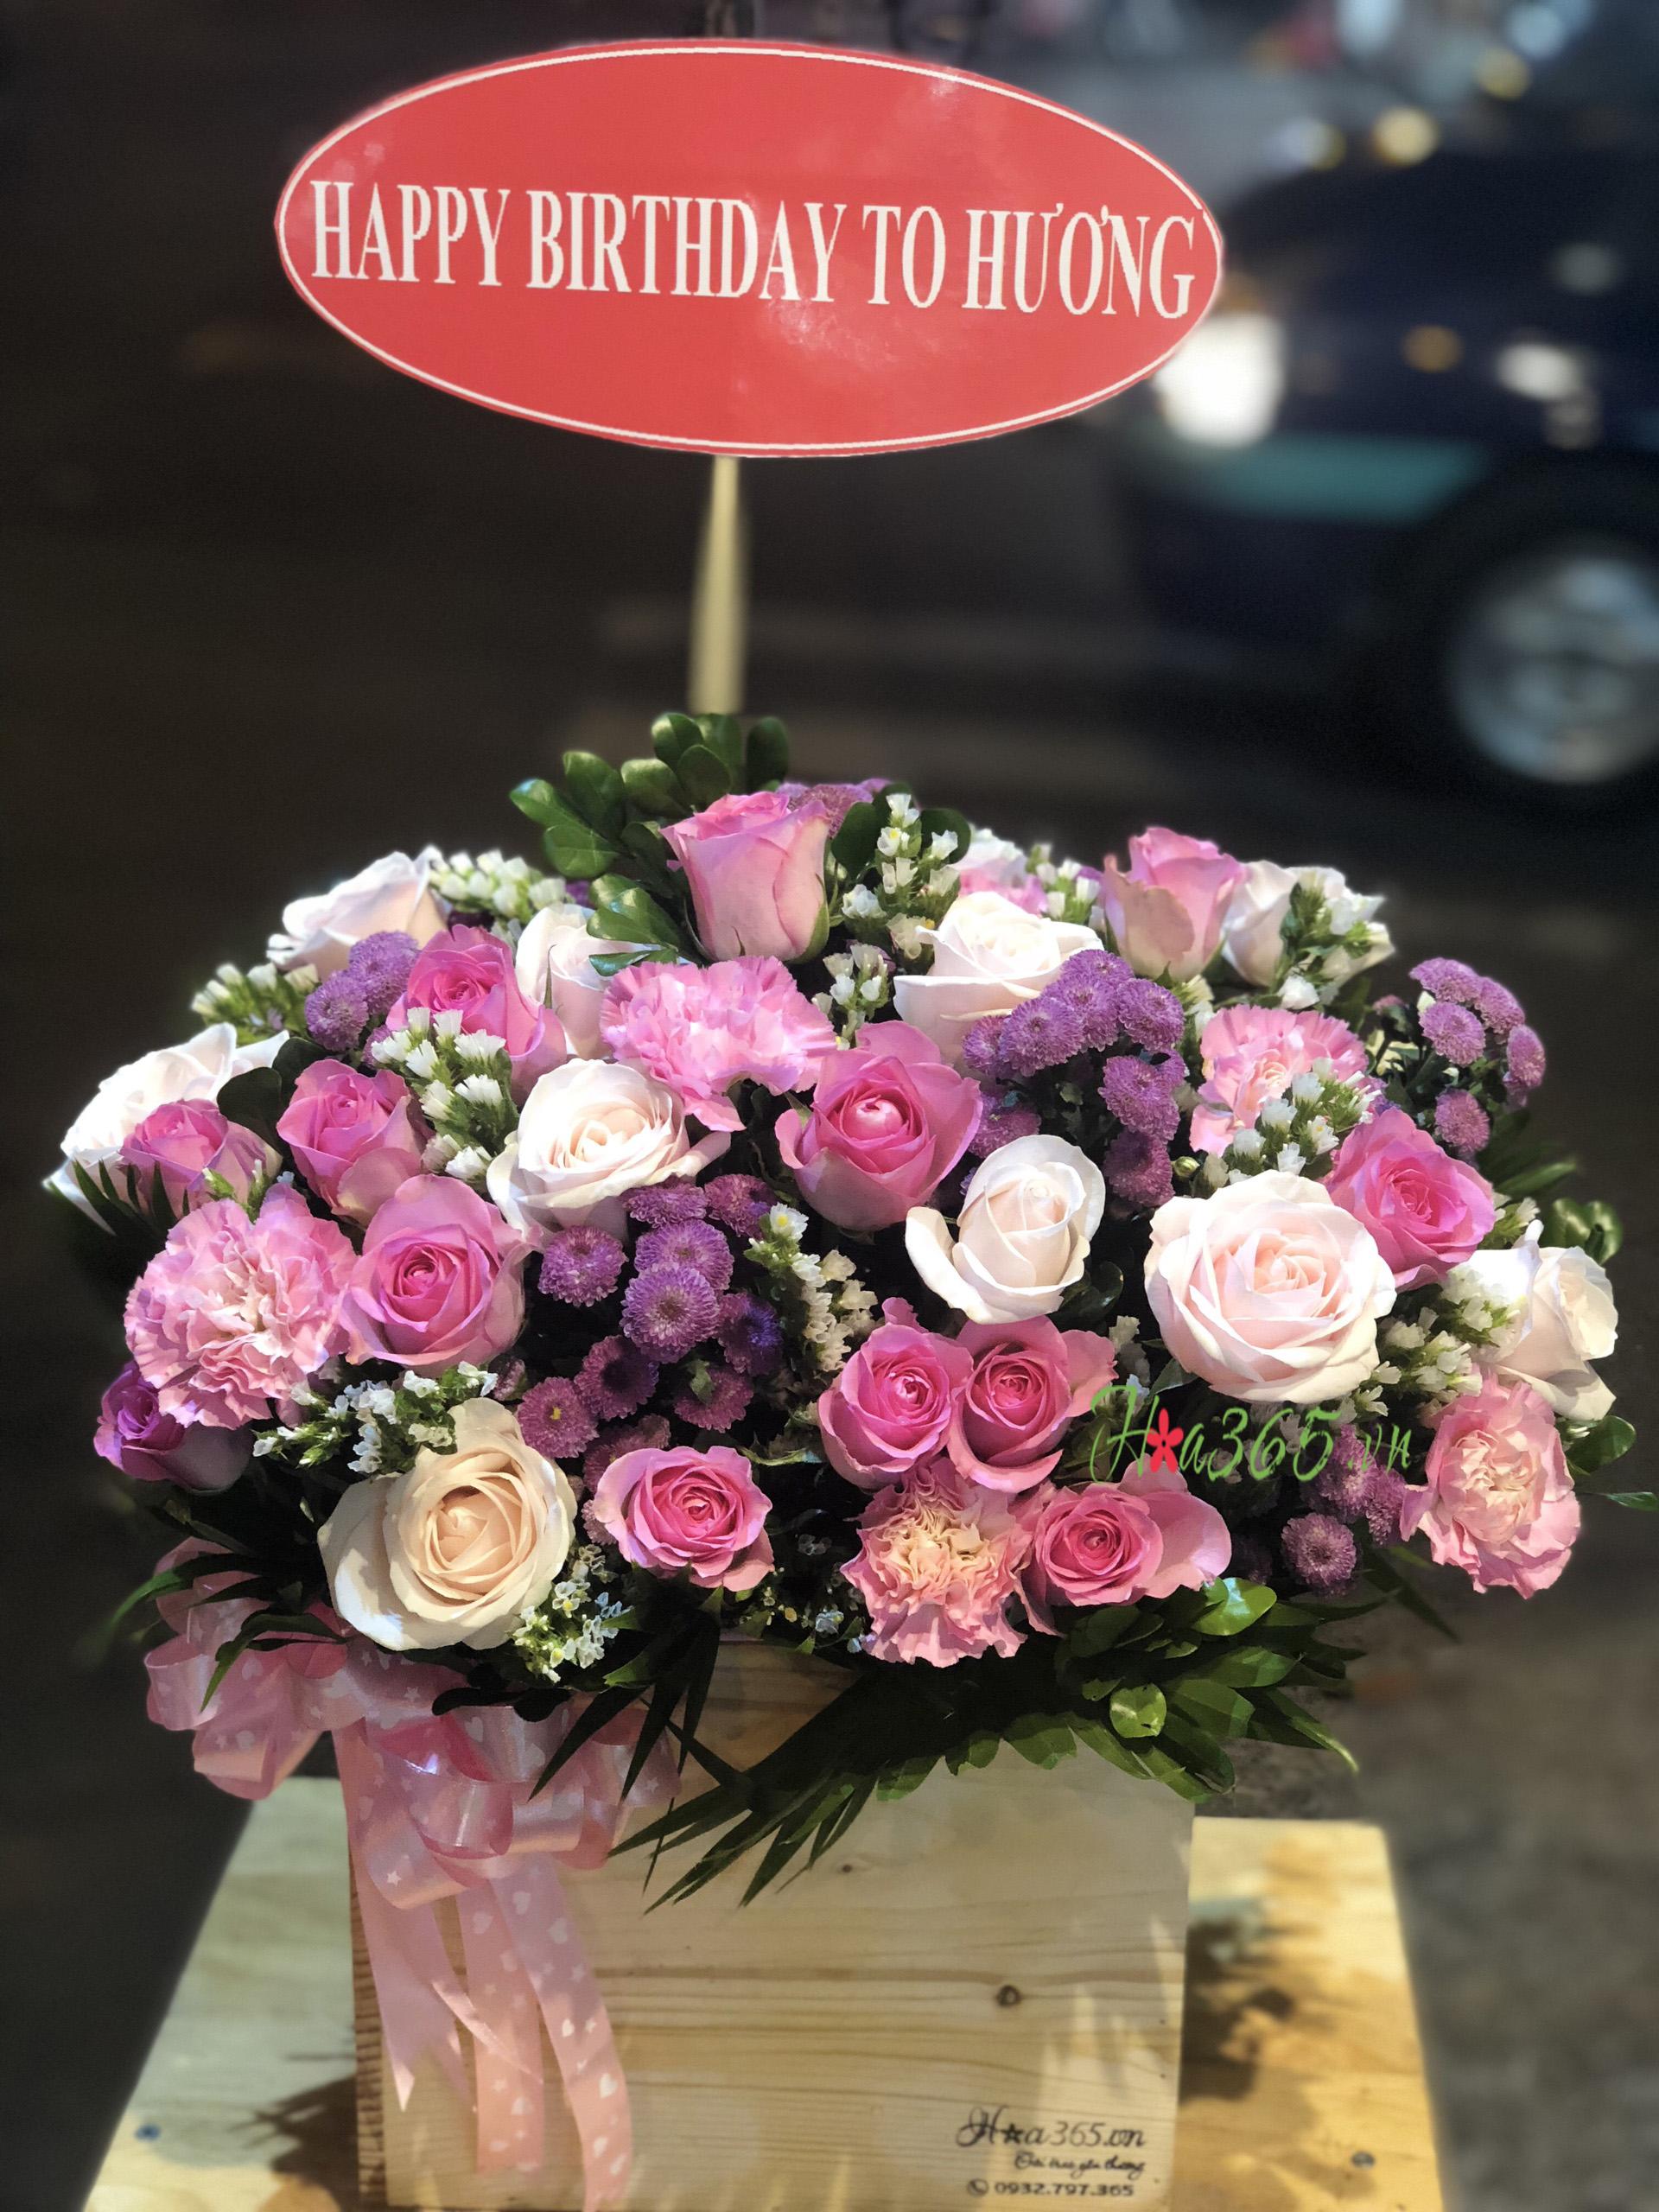 hộp hoa gỗ , hộp hoa sinh nhật đẹp, hộp hoa chúc mừng khai trương